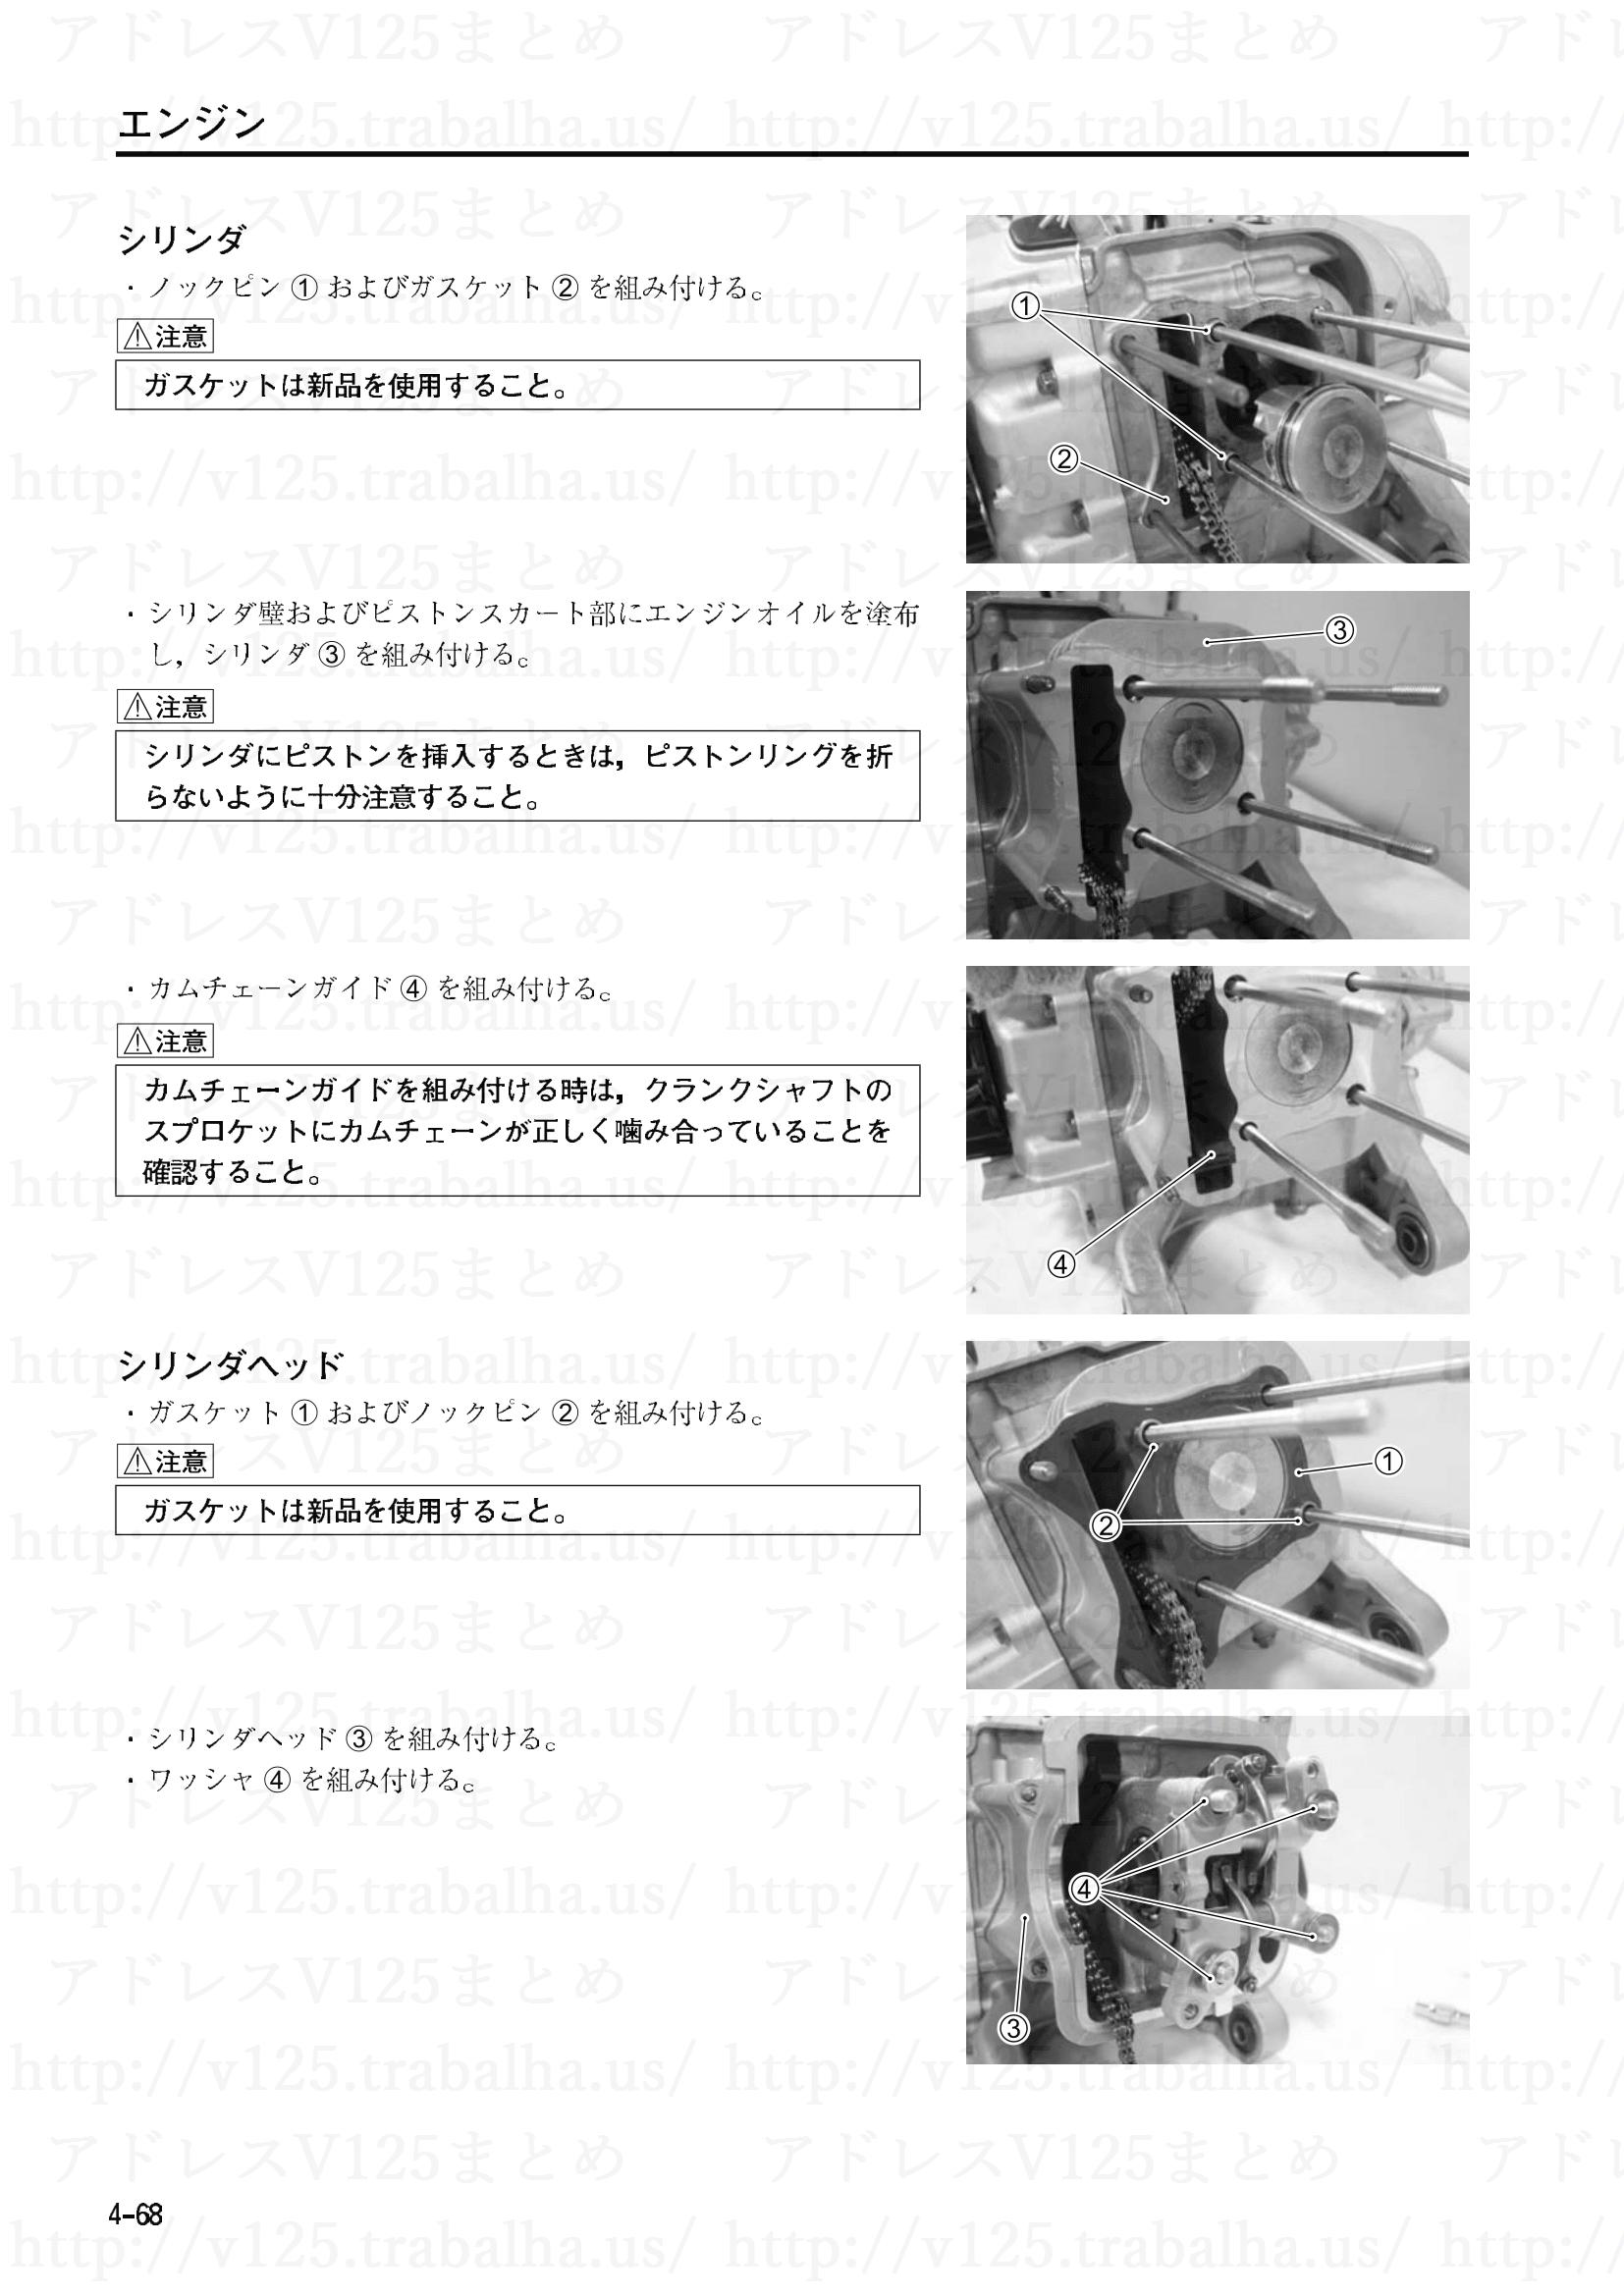 4-68【エンジン】エンジンの組立て12